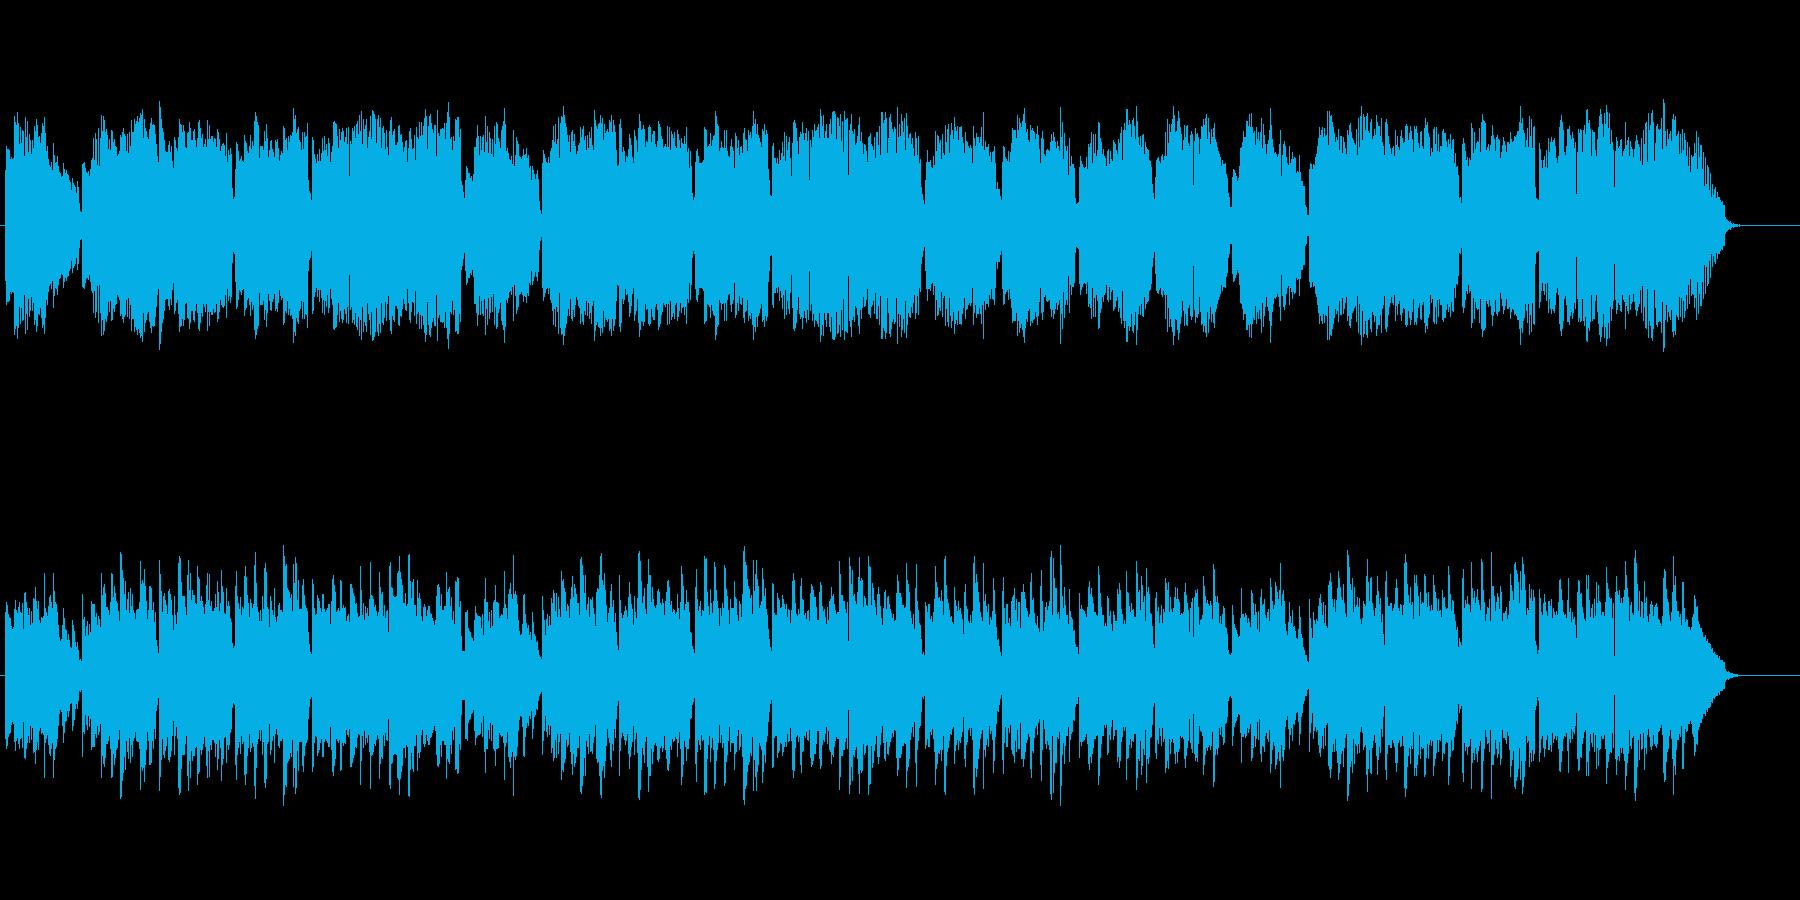 静かな哀愁のヨーロピアン風スローBGMの再生済みの波形